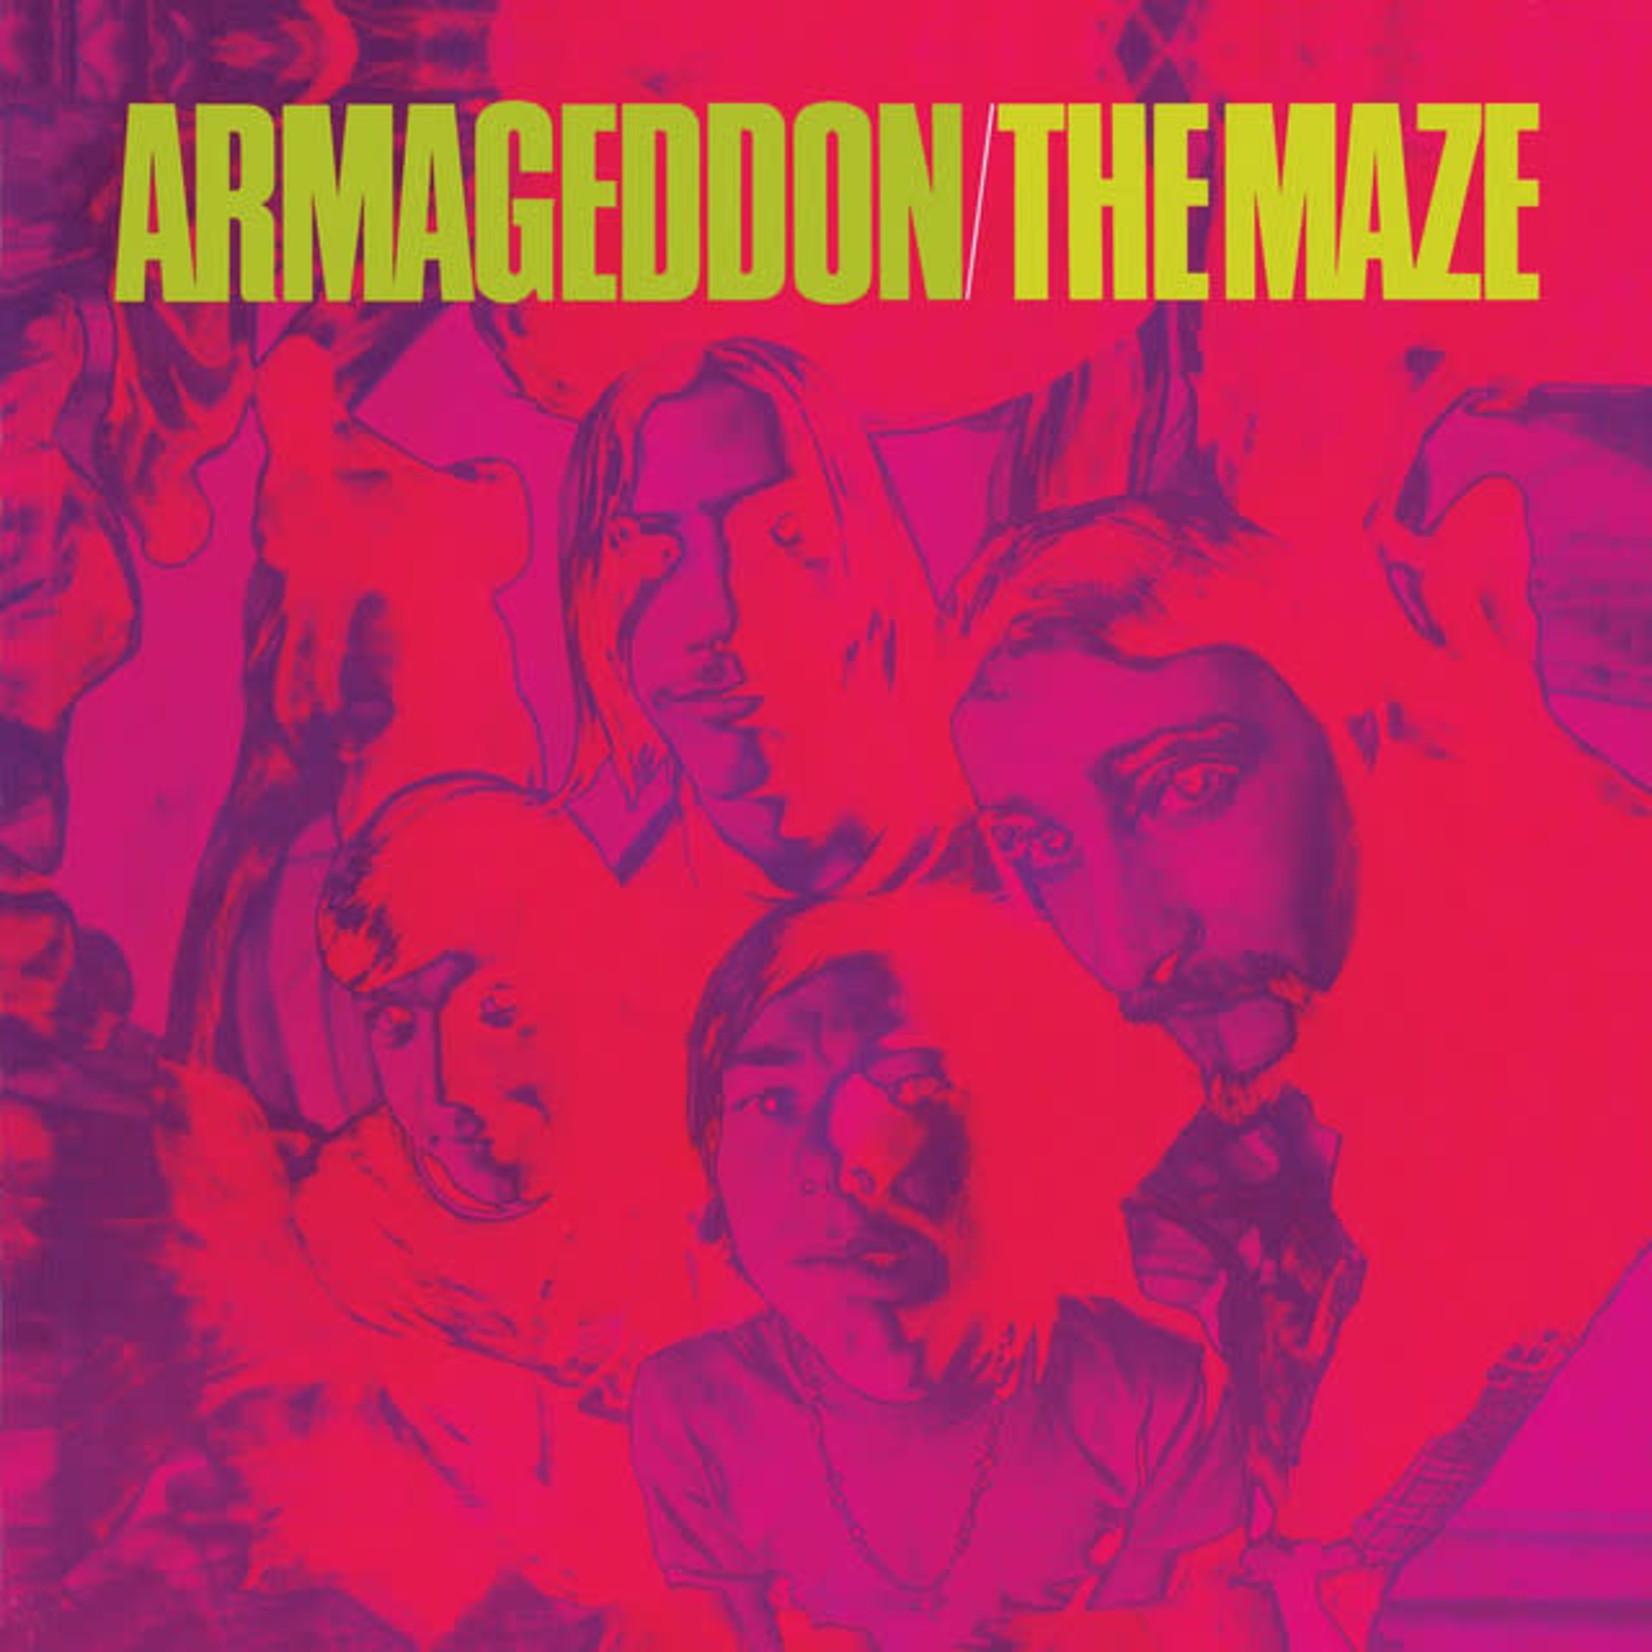 Vinyl The Maze - Armageddon